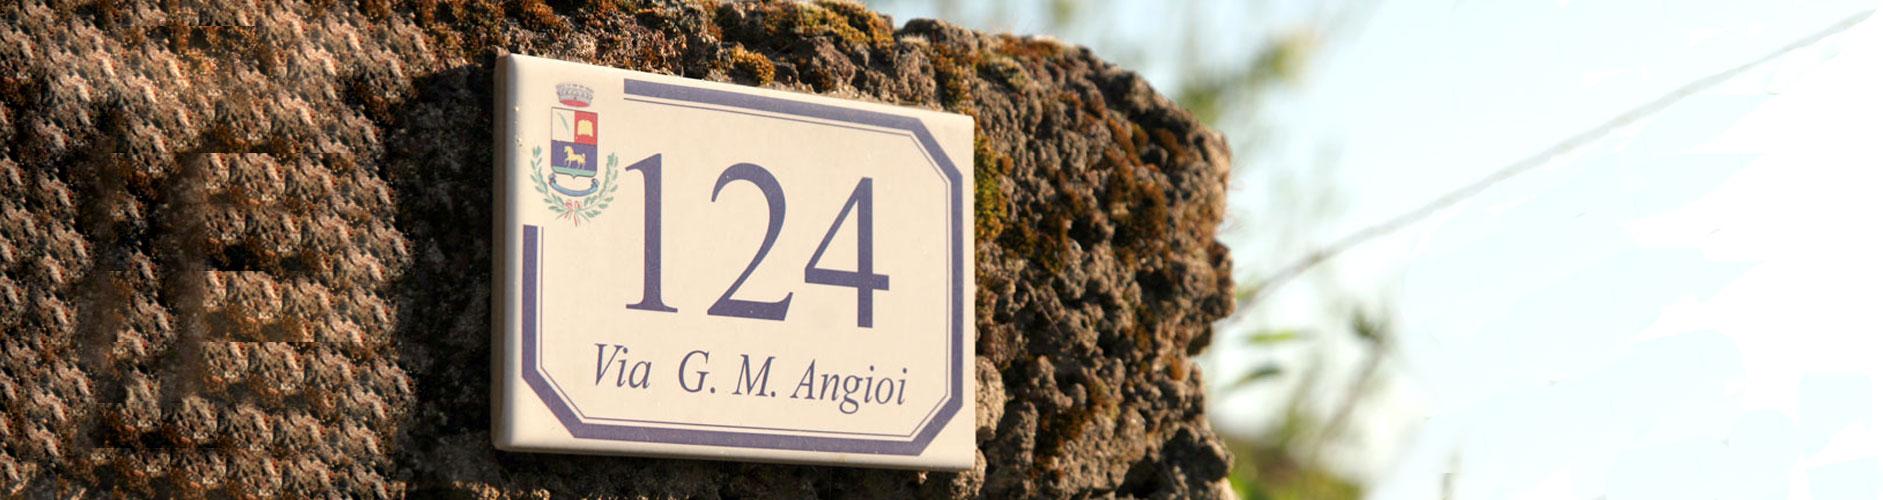 Numero civico personalizzato con stemma comunale e Via